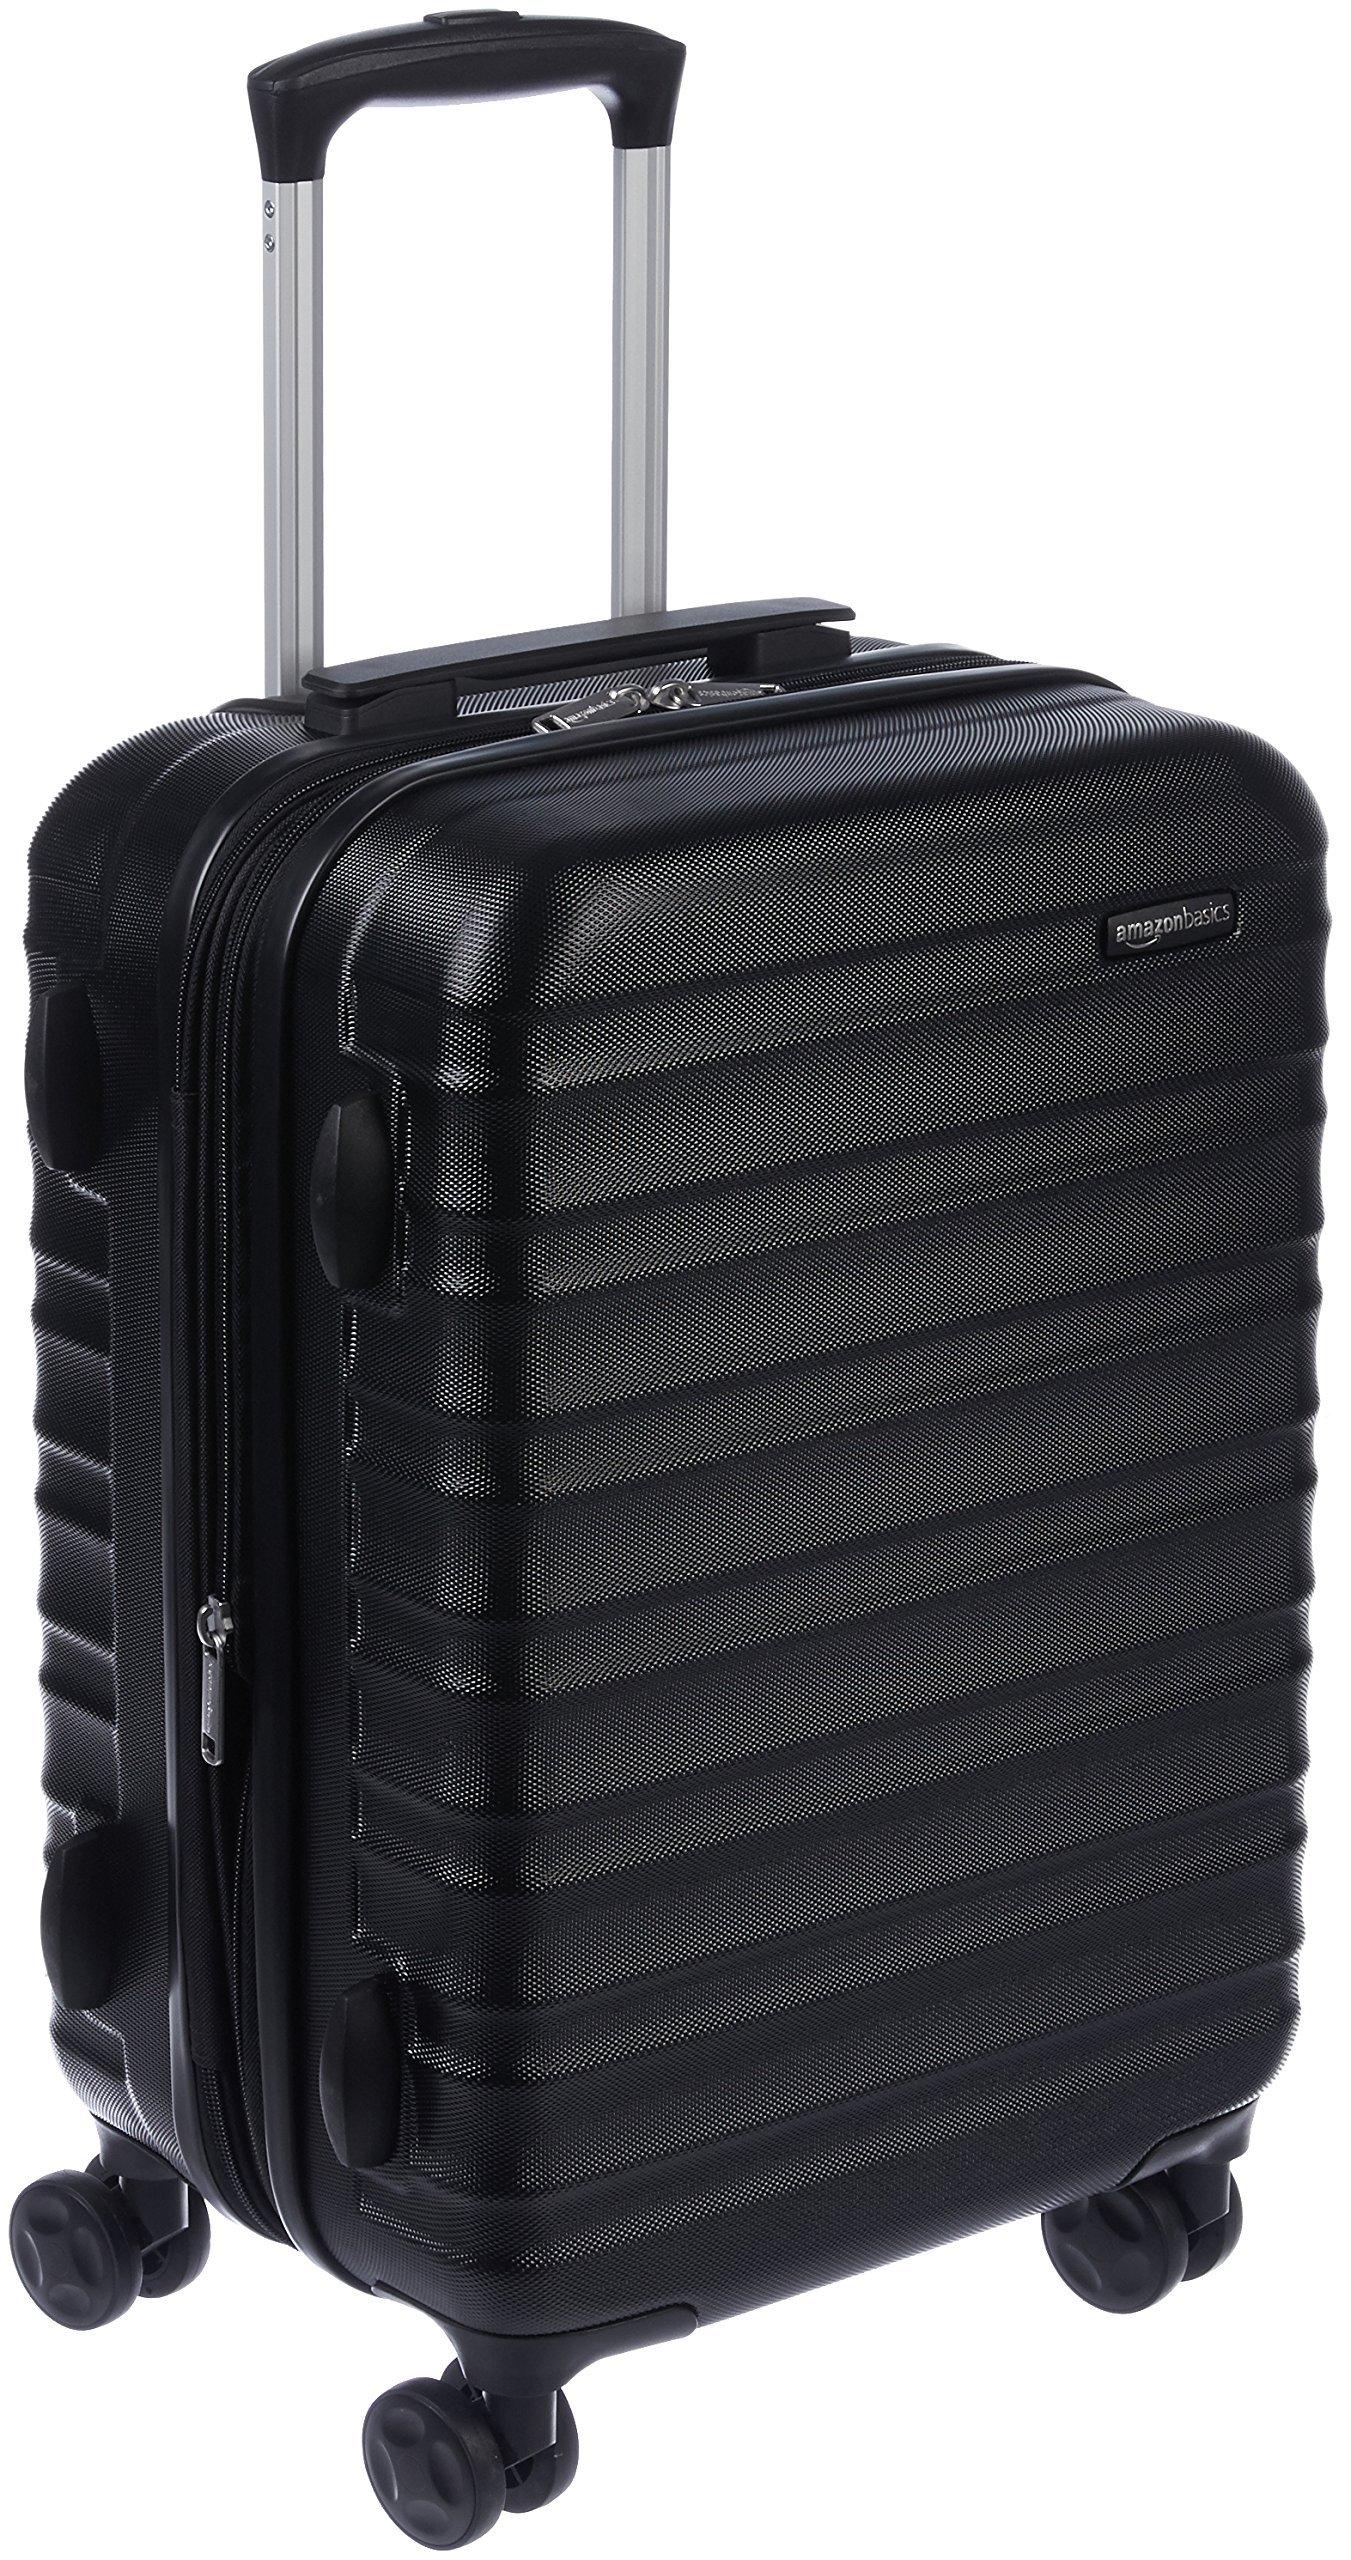 cb27623728 AmazonBasics Valise de voyage à roulettes pivotantes, Noir, 55 cm